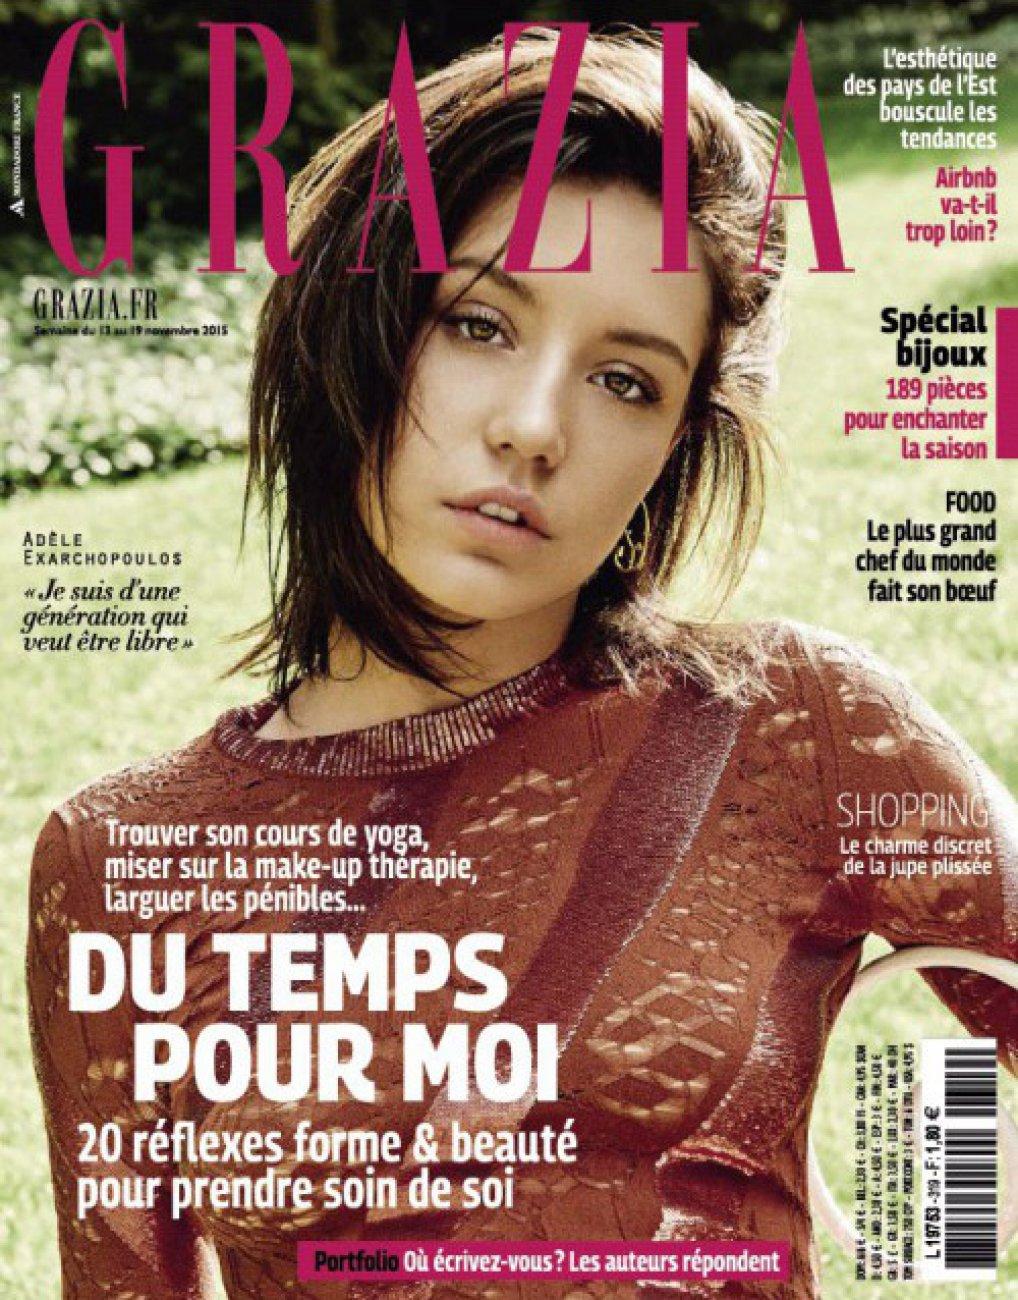 Grazia #319 / semaine du 13 au 19 novembre 2015 / Grazia